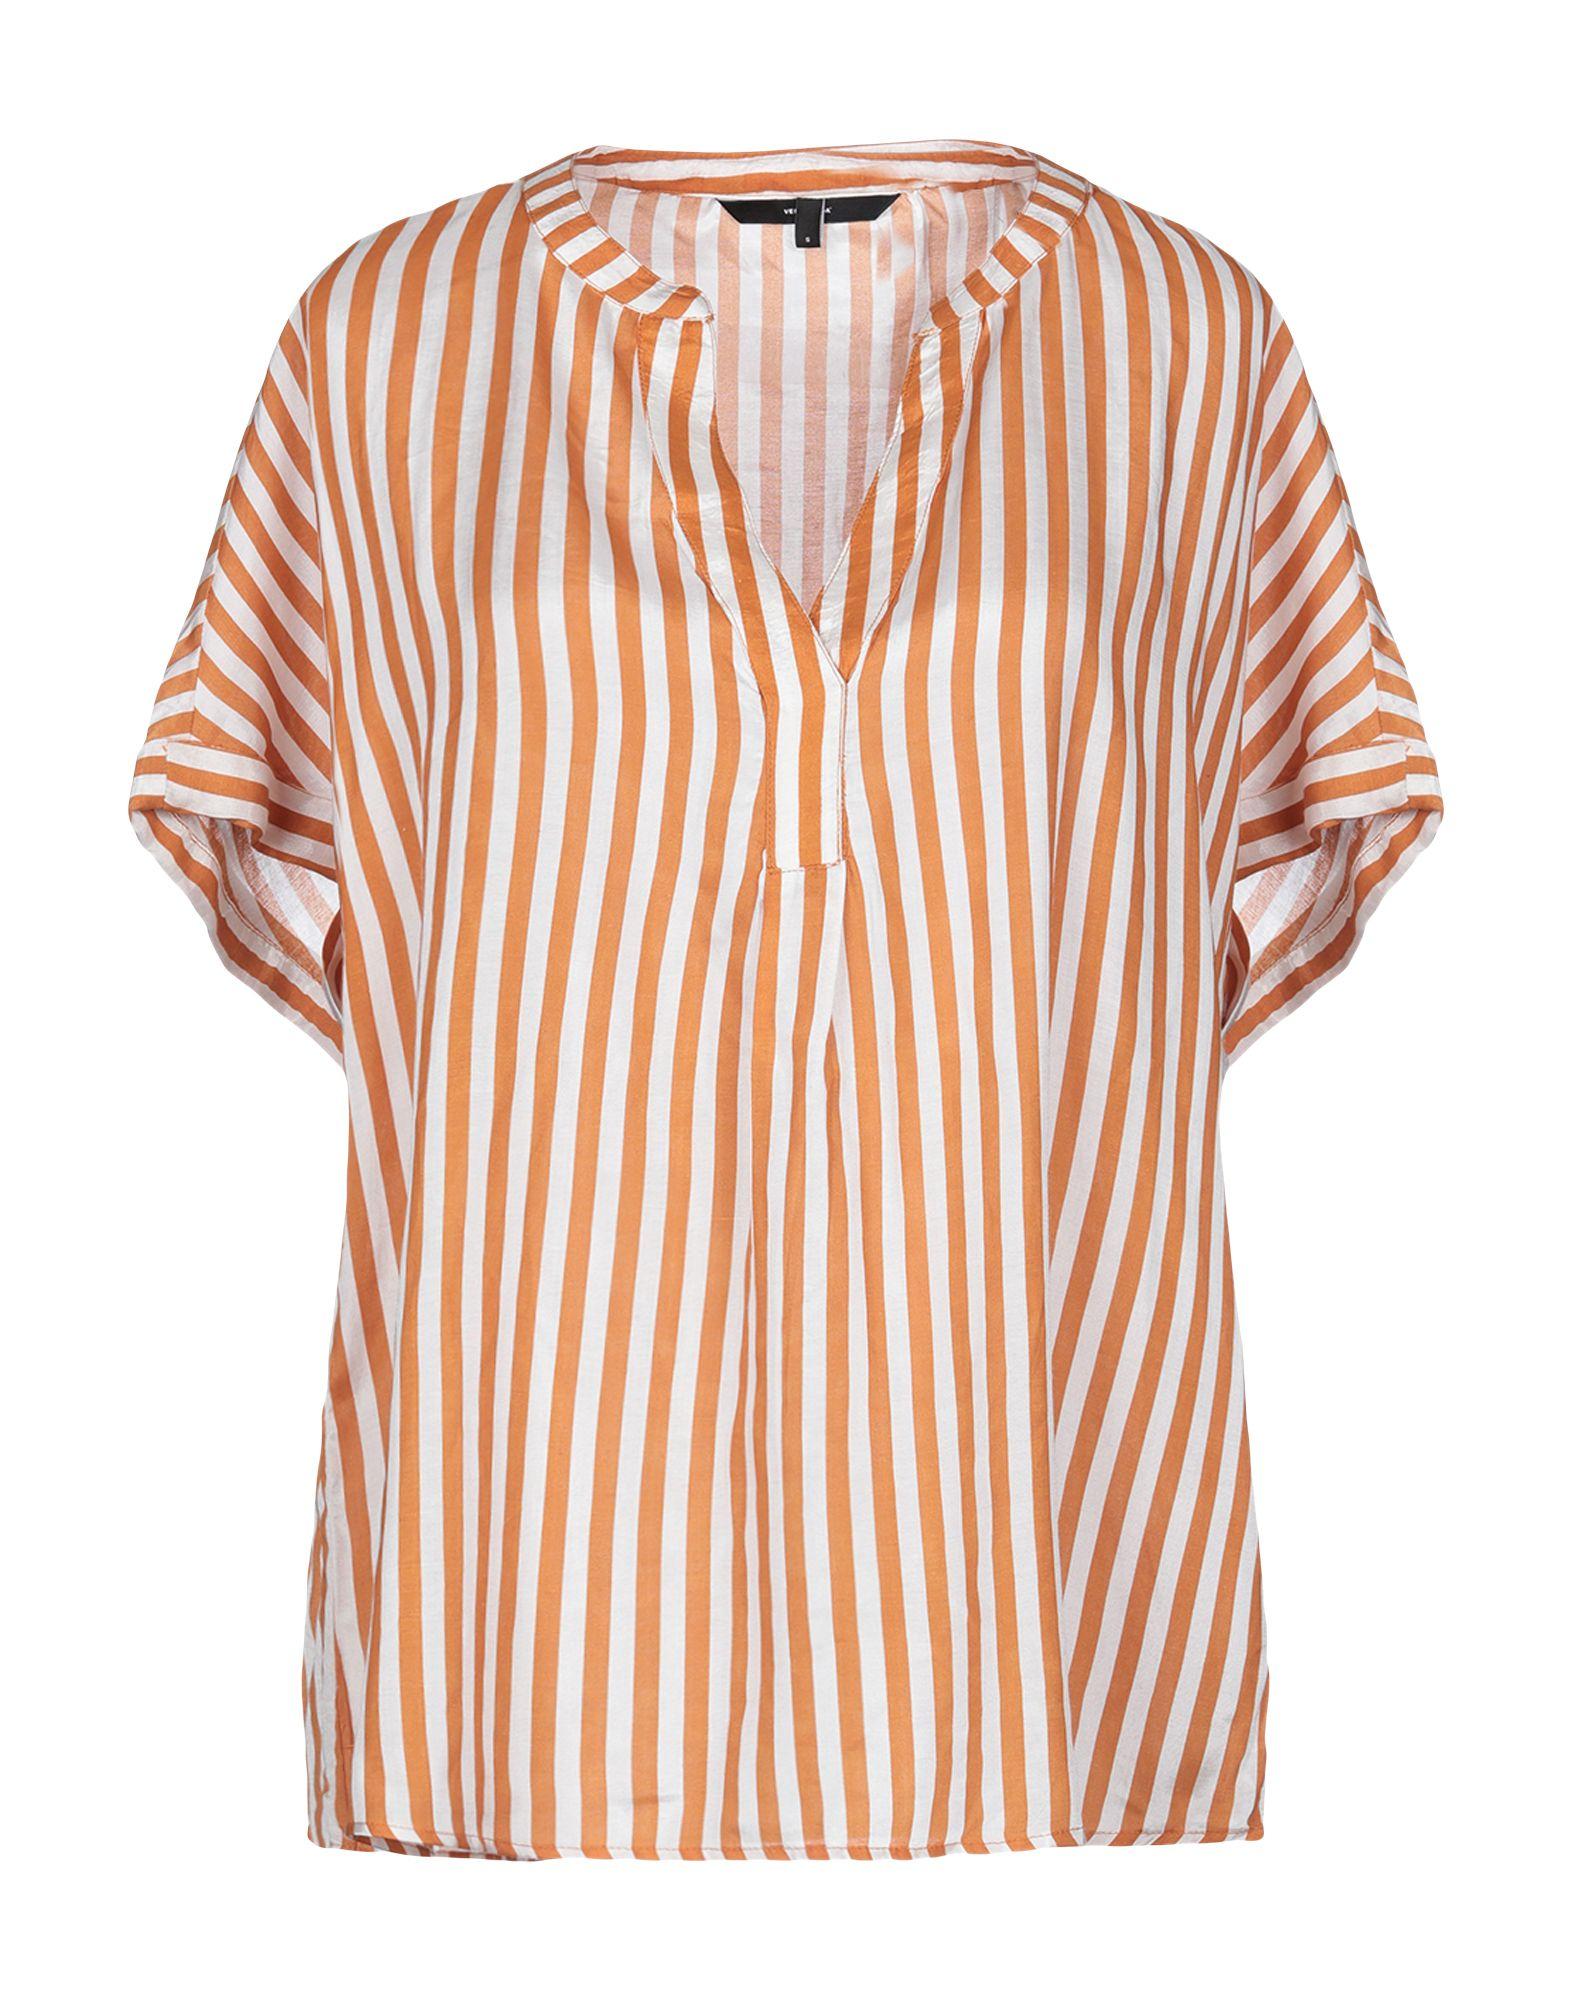 VERO MODA Блузка блузка quelle vero moda 1009488